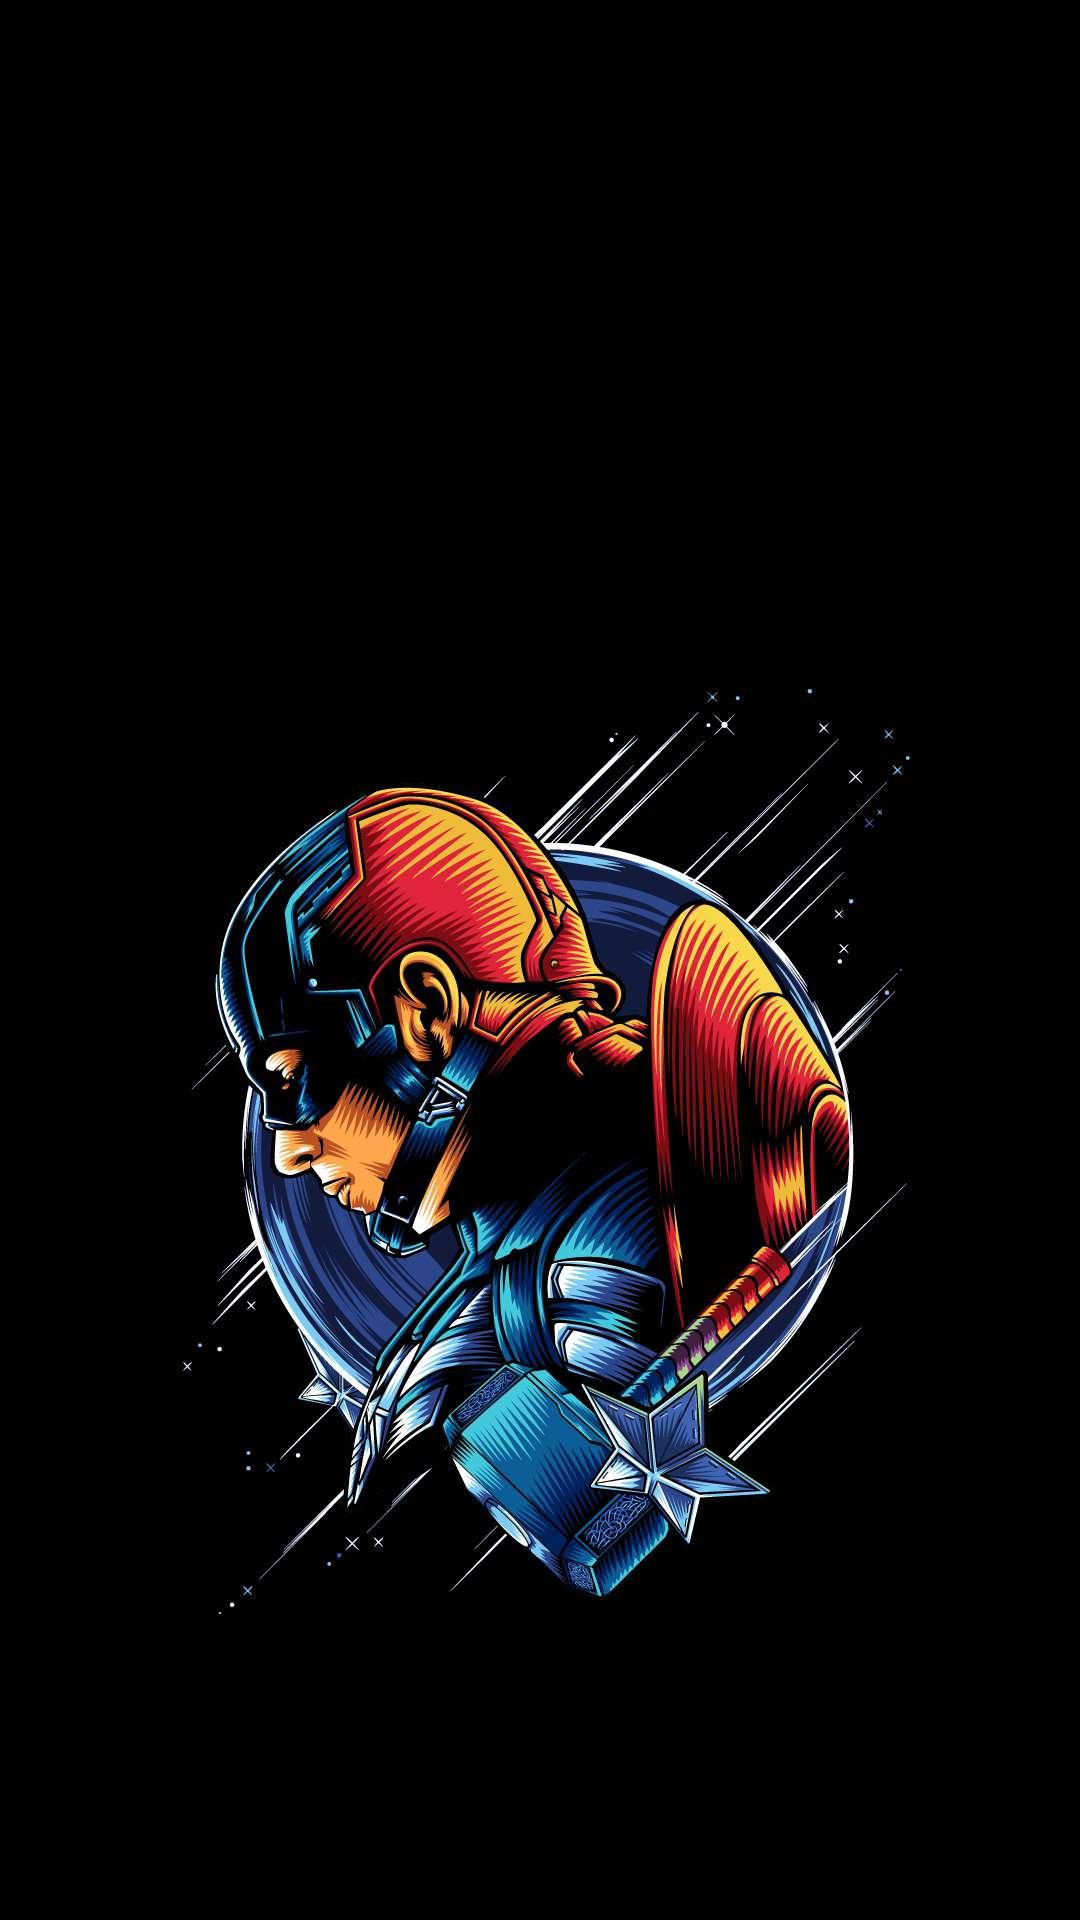 Captain America Simple Artwork iPhone Wallpaper